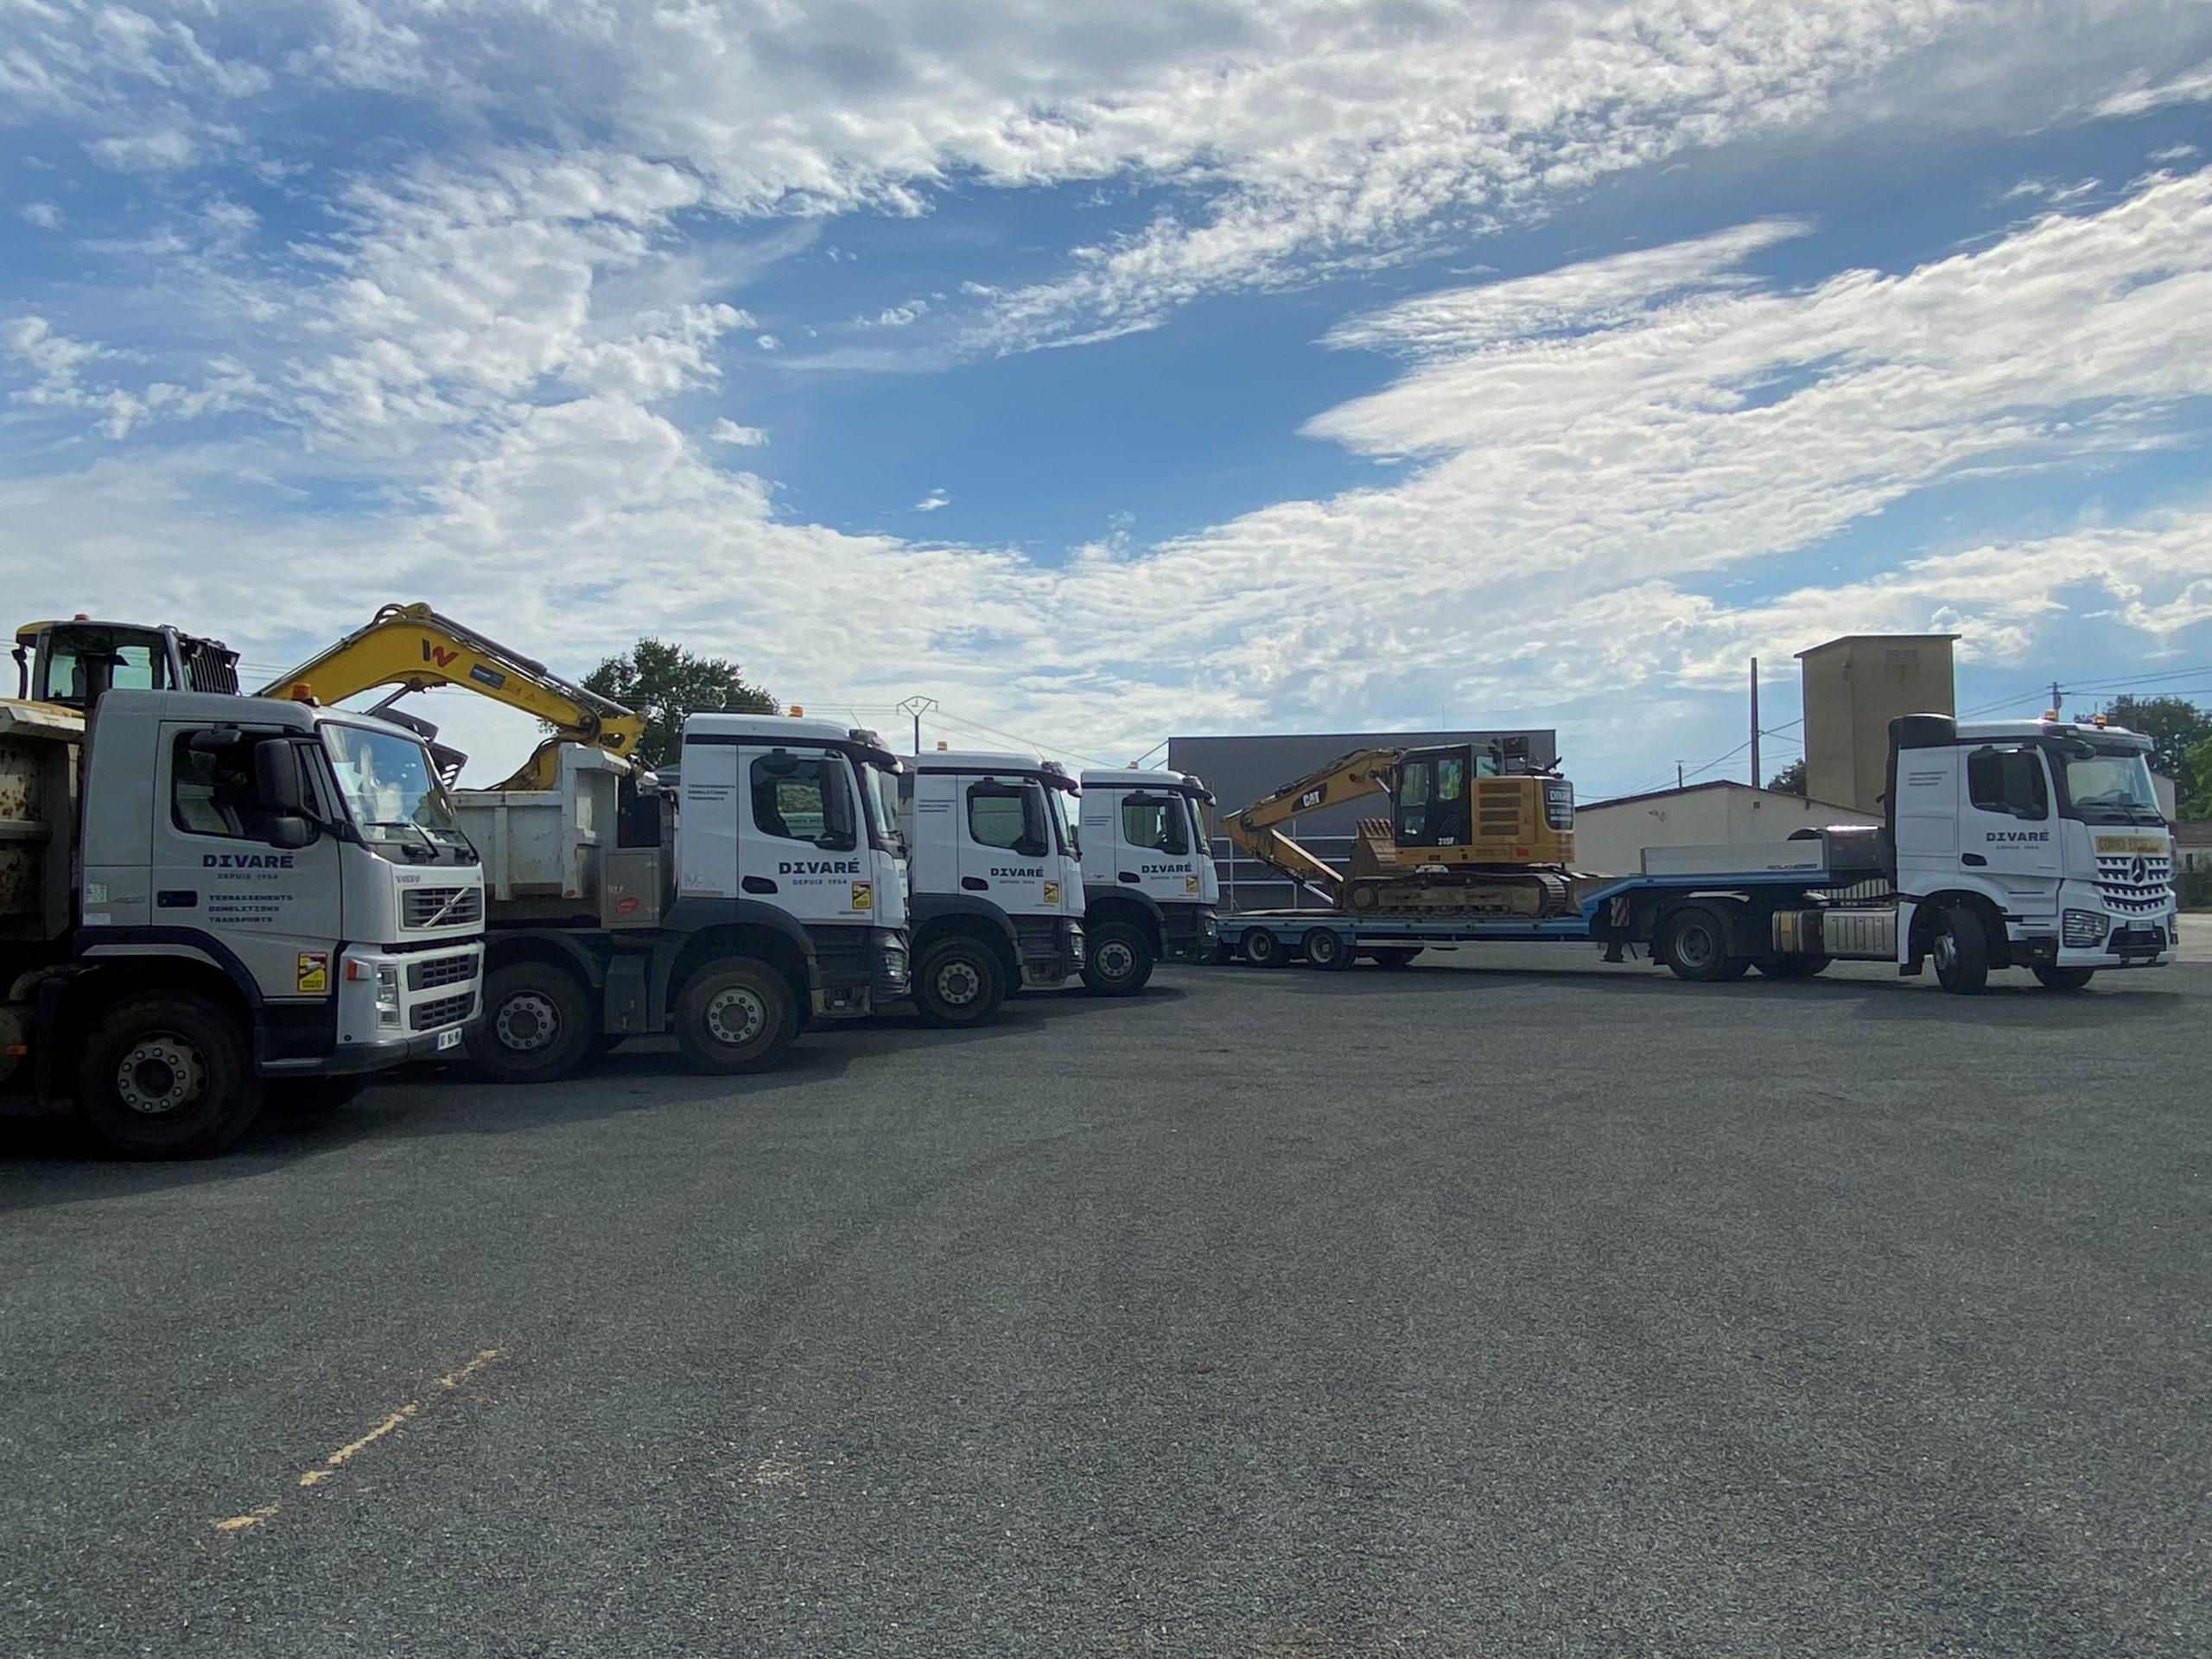 flotte-camions